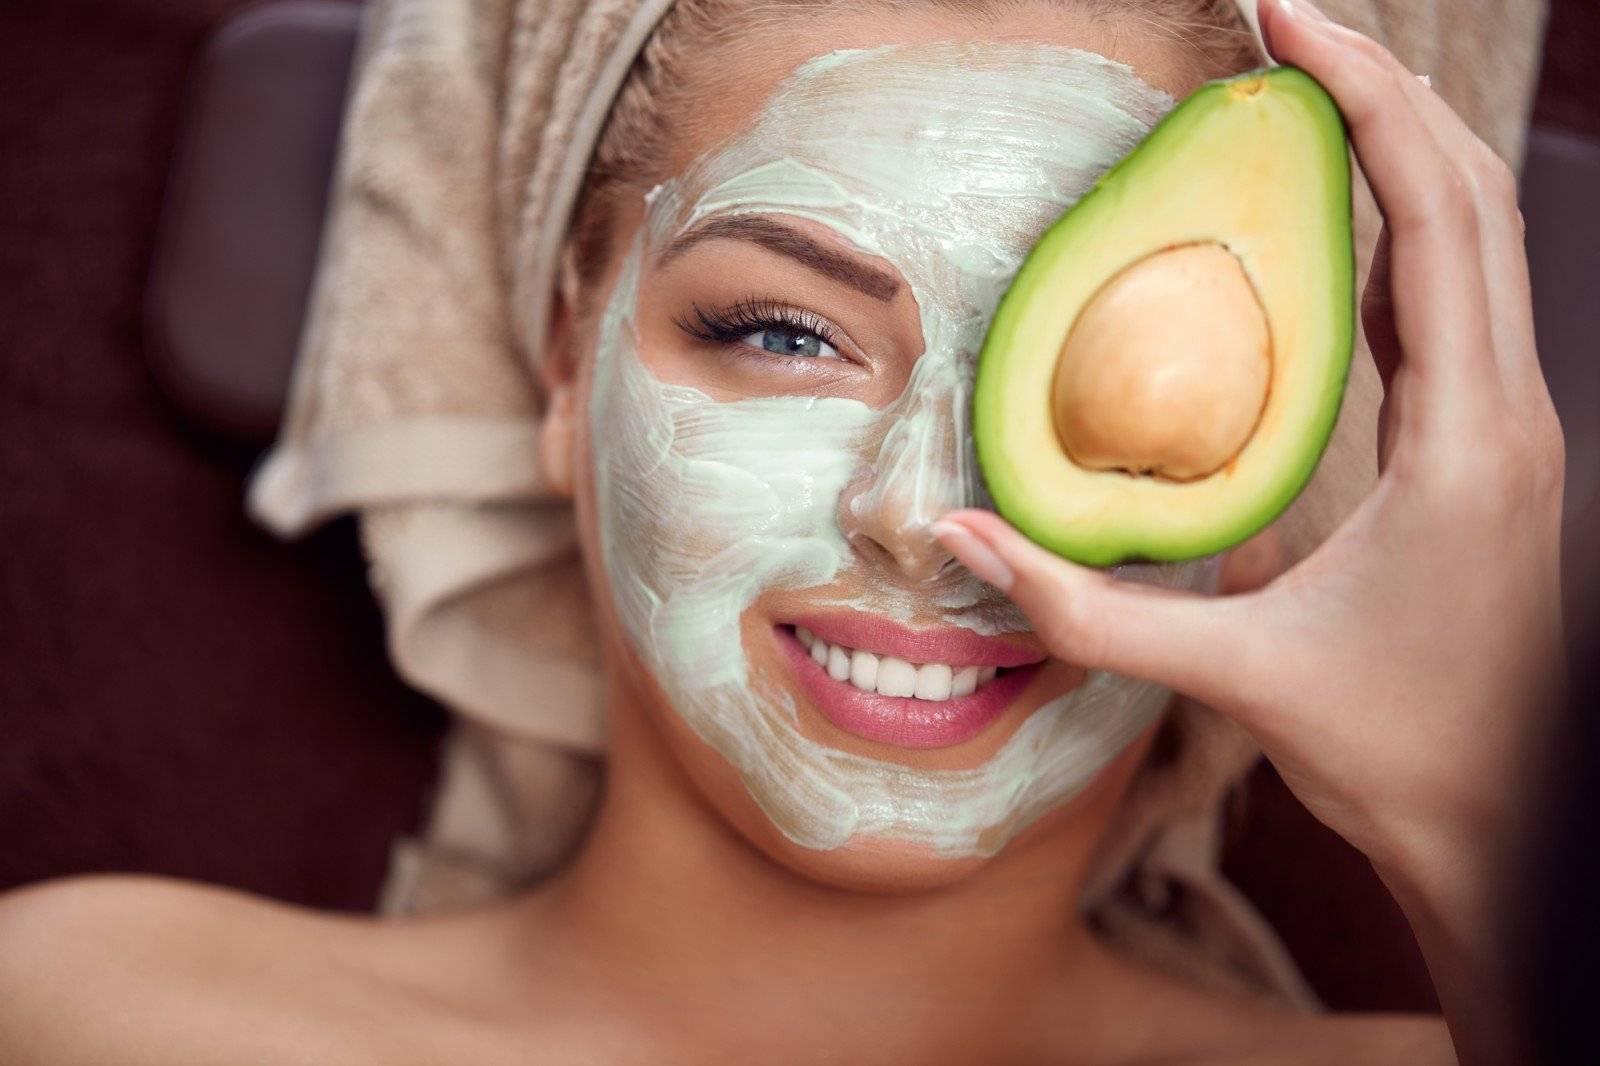 Маски из авокадо для лица: рецепты для всех типов кожи